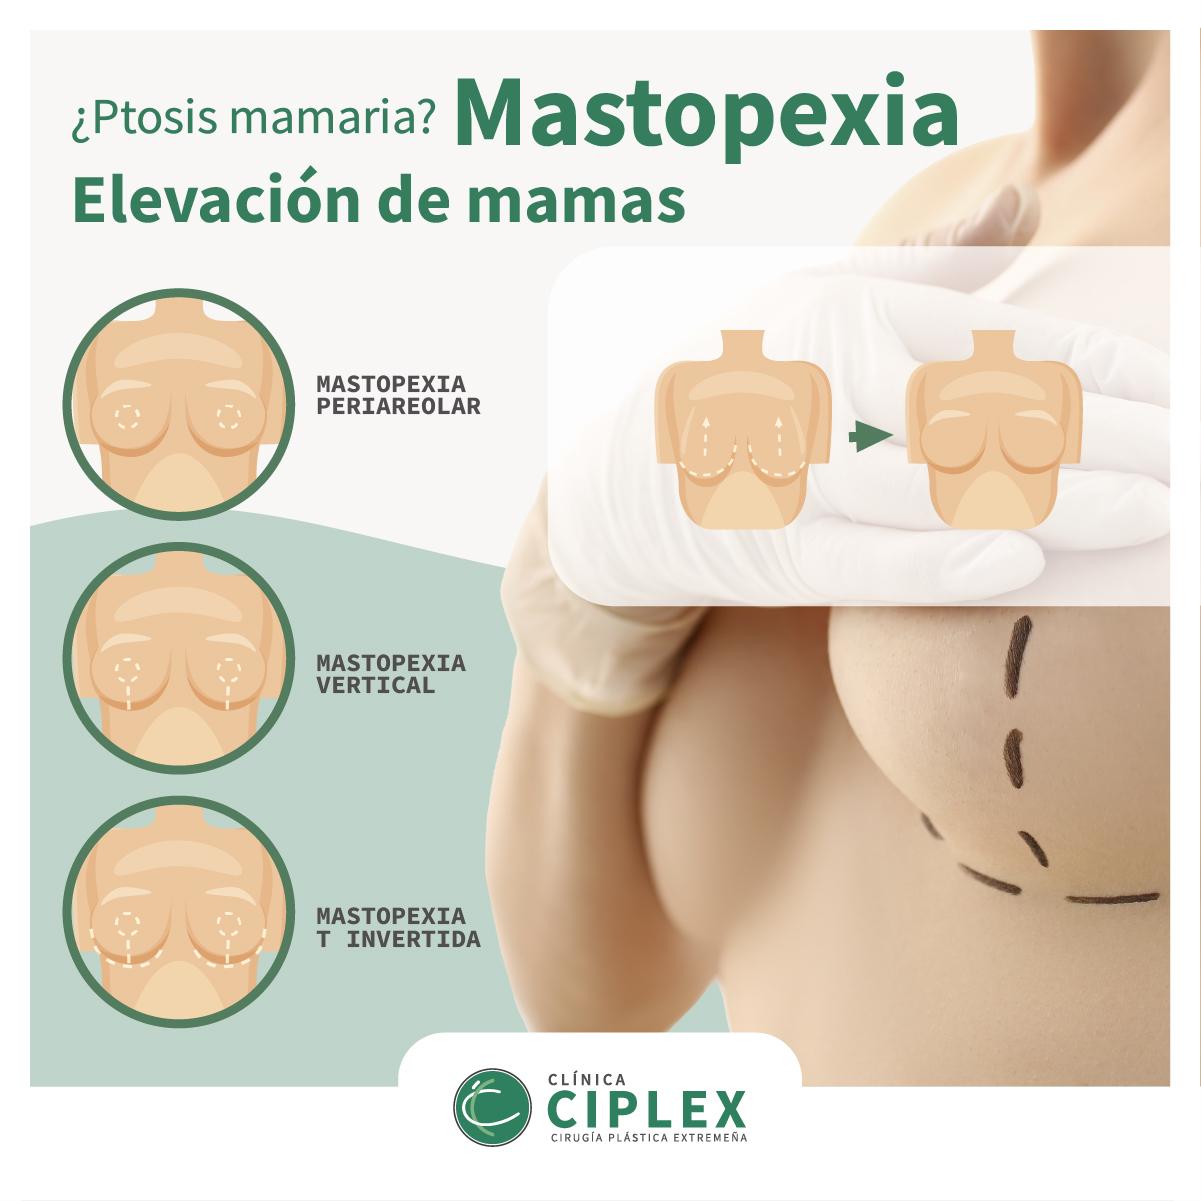 ¿Ptosis mamaria? Mastopexia: elevación de mamas